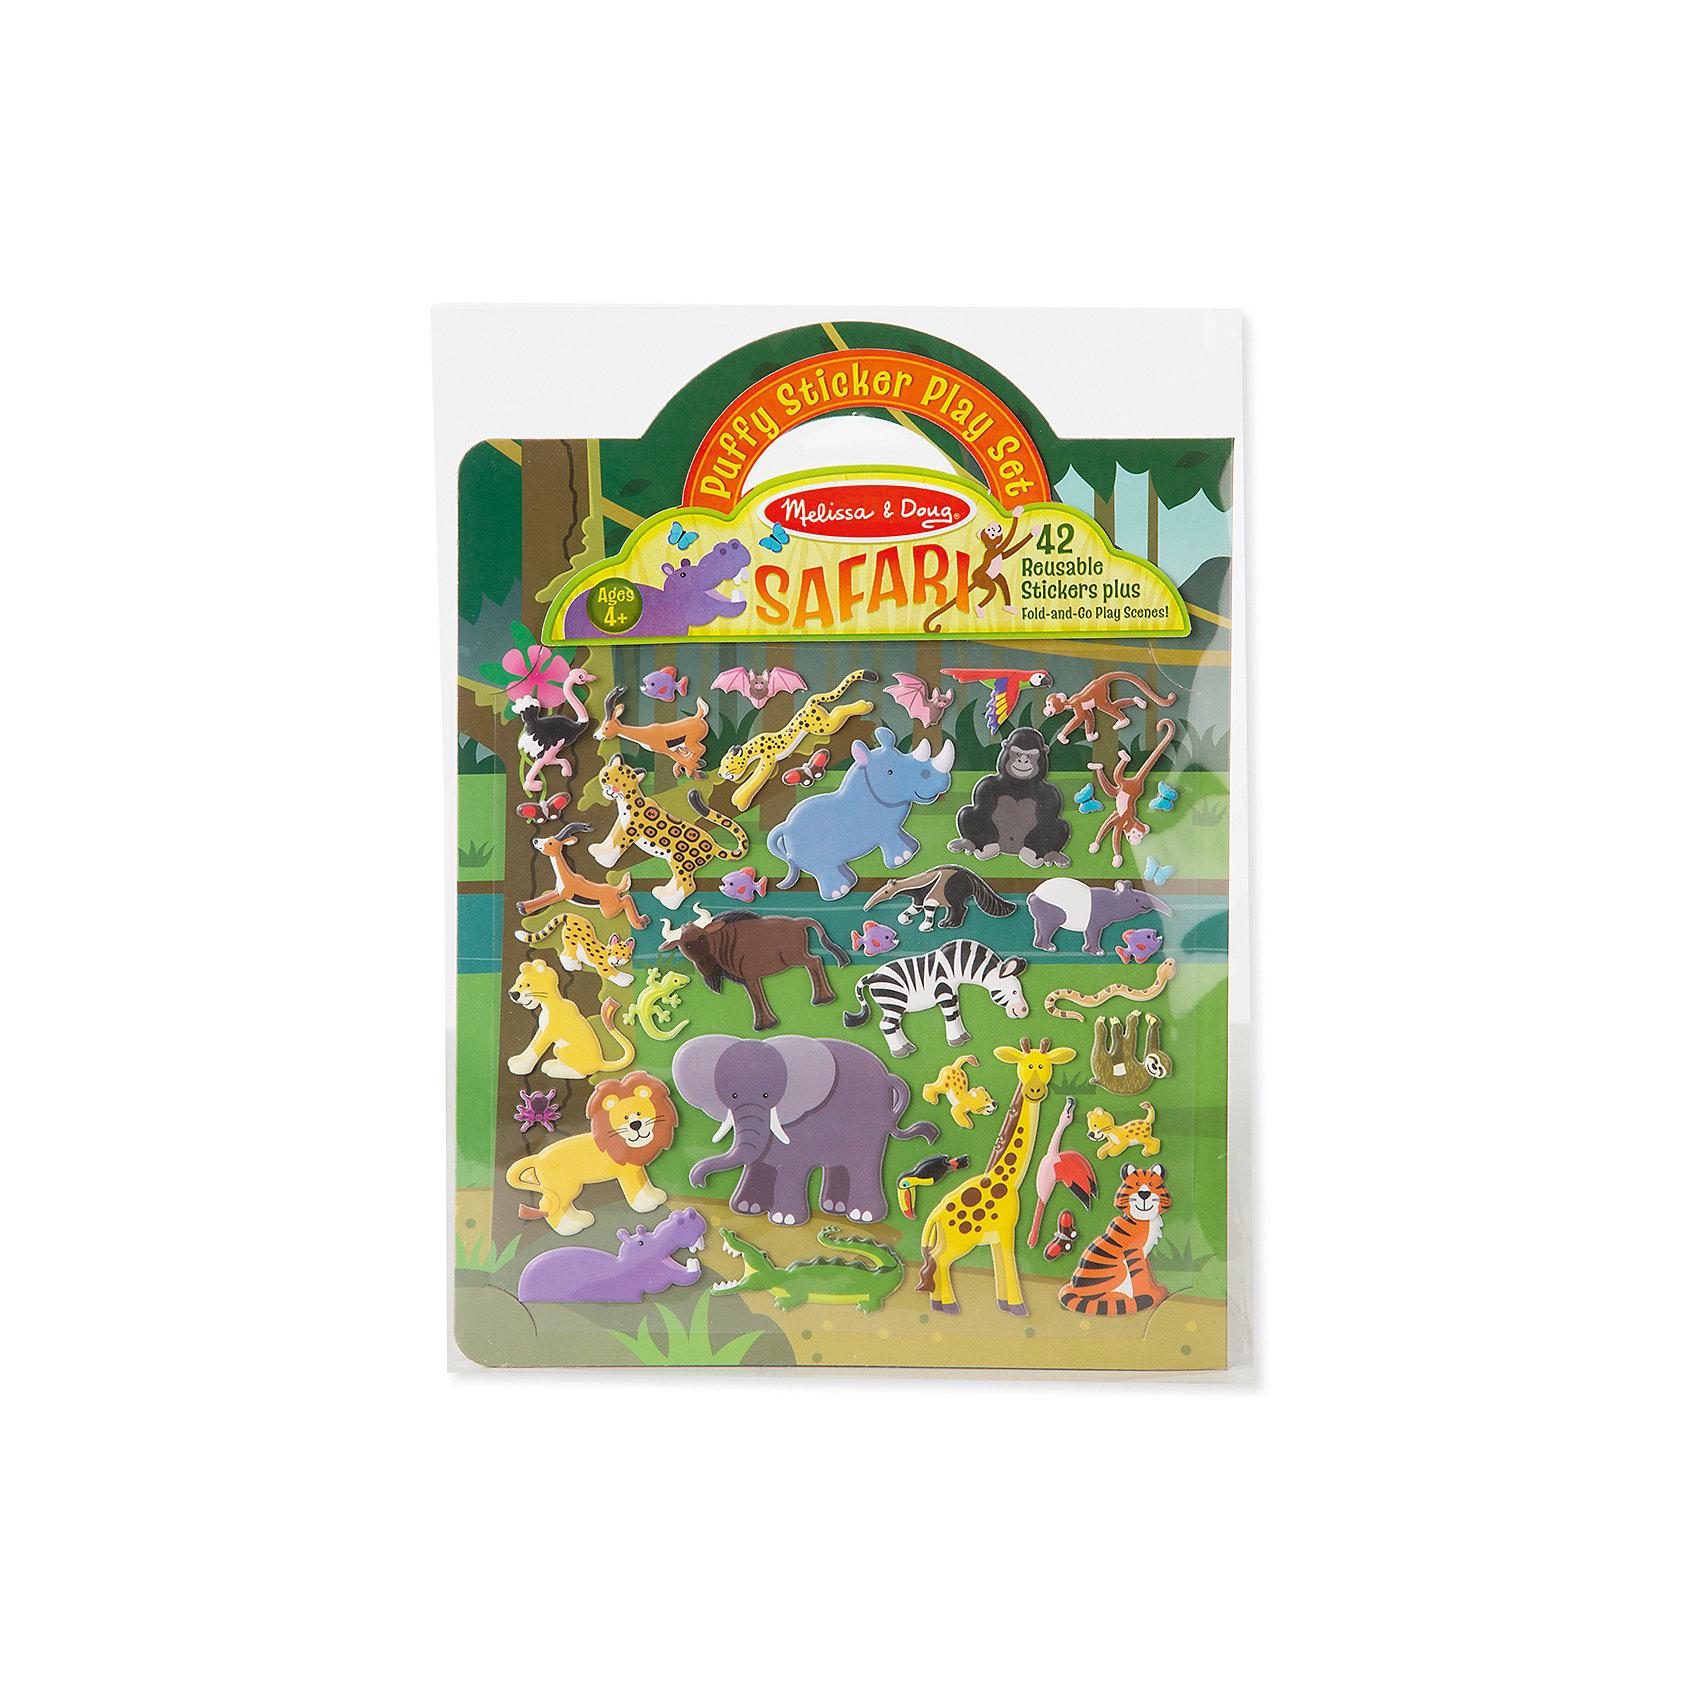 Книжка с многоразовыми наклейками СафариКнижки с наклейками<br>Такой набор - это отличный вариант подарка ребенку, который одновременно и развлечет малыша, и позволит ему развивать важные навыки. Это способствует развитию у малышей мелкой моторики, цветовосприятия, художественного вкуса, внимания и воображения. <br>Набор состоит из листов с заготовками, которые можно заполнять деталями с помощью наклеек. Это очень увлекательно! Набор отличается простотой использования и отличным качеством исполнения. <br><br>Дополнительная информация:<br><br>комплектация: фон, 42 наклейки;<br>материал: бумага.<br><br>Набор стикеров Сафари от бренда Melissa&amp;Doug можно купить в нашем магазине.<br><br>Ширина мм: 220<br>Глубина мм: 10<br>Высота мм: 290<br>Вес г: 91<br>Возраст от месяцев: 48<br>Возраст до месяцев: 108<br>Пол: Унисекс<br>Возраст: Детский<br>SKU: 4993735